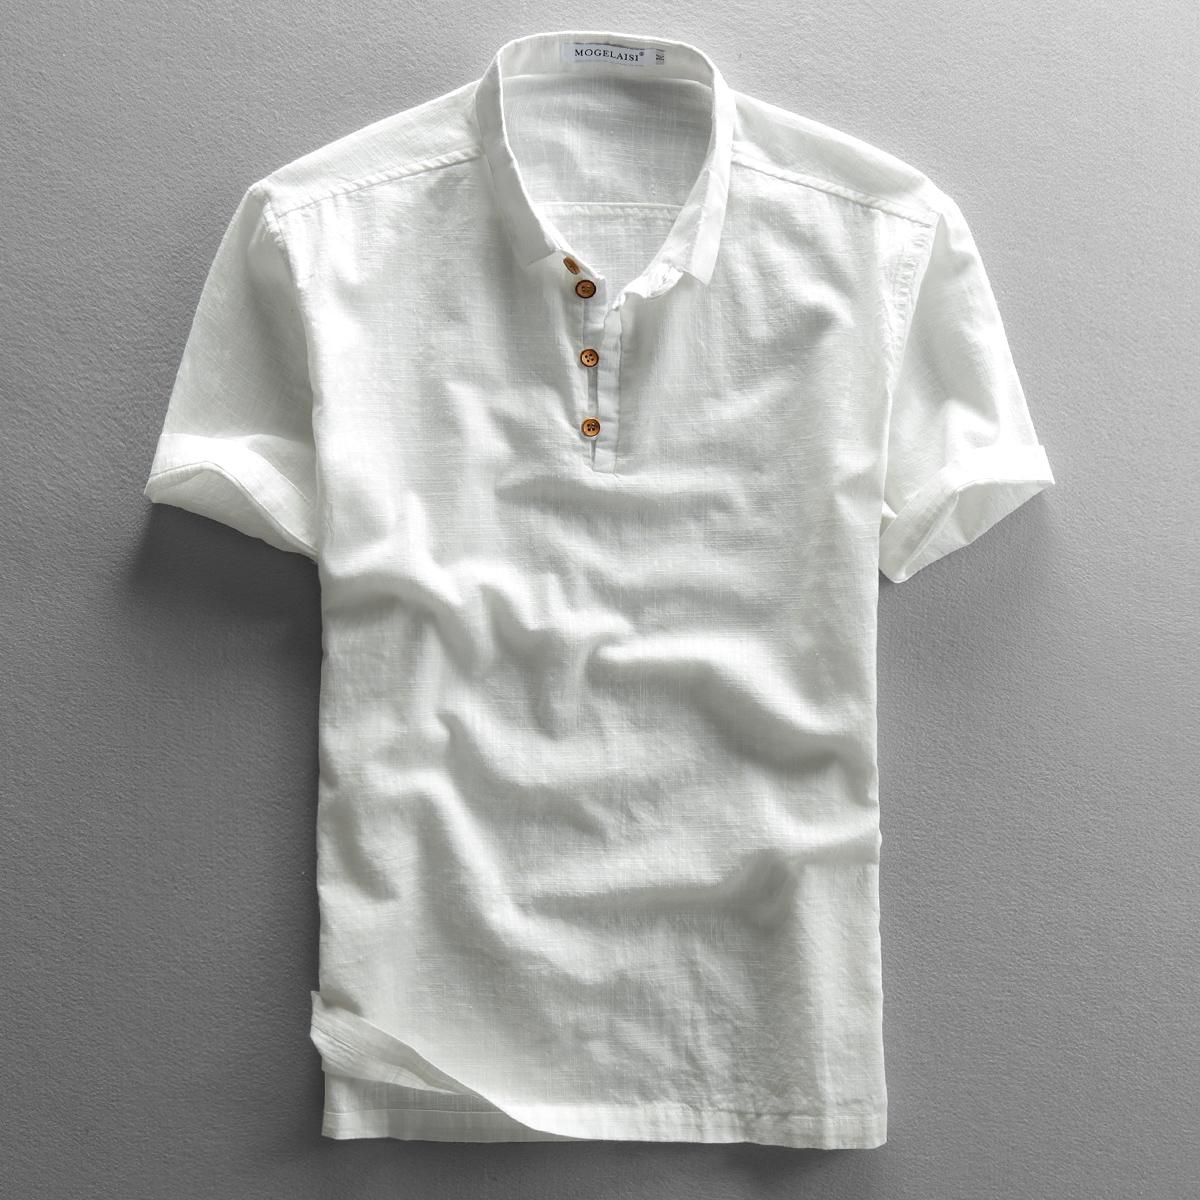 2020夏季男新款亚麻衬衫棉麻复古透气套头轻薄麻布T恤男短袖衬衣